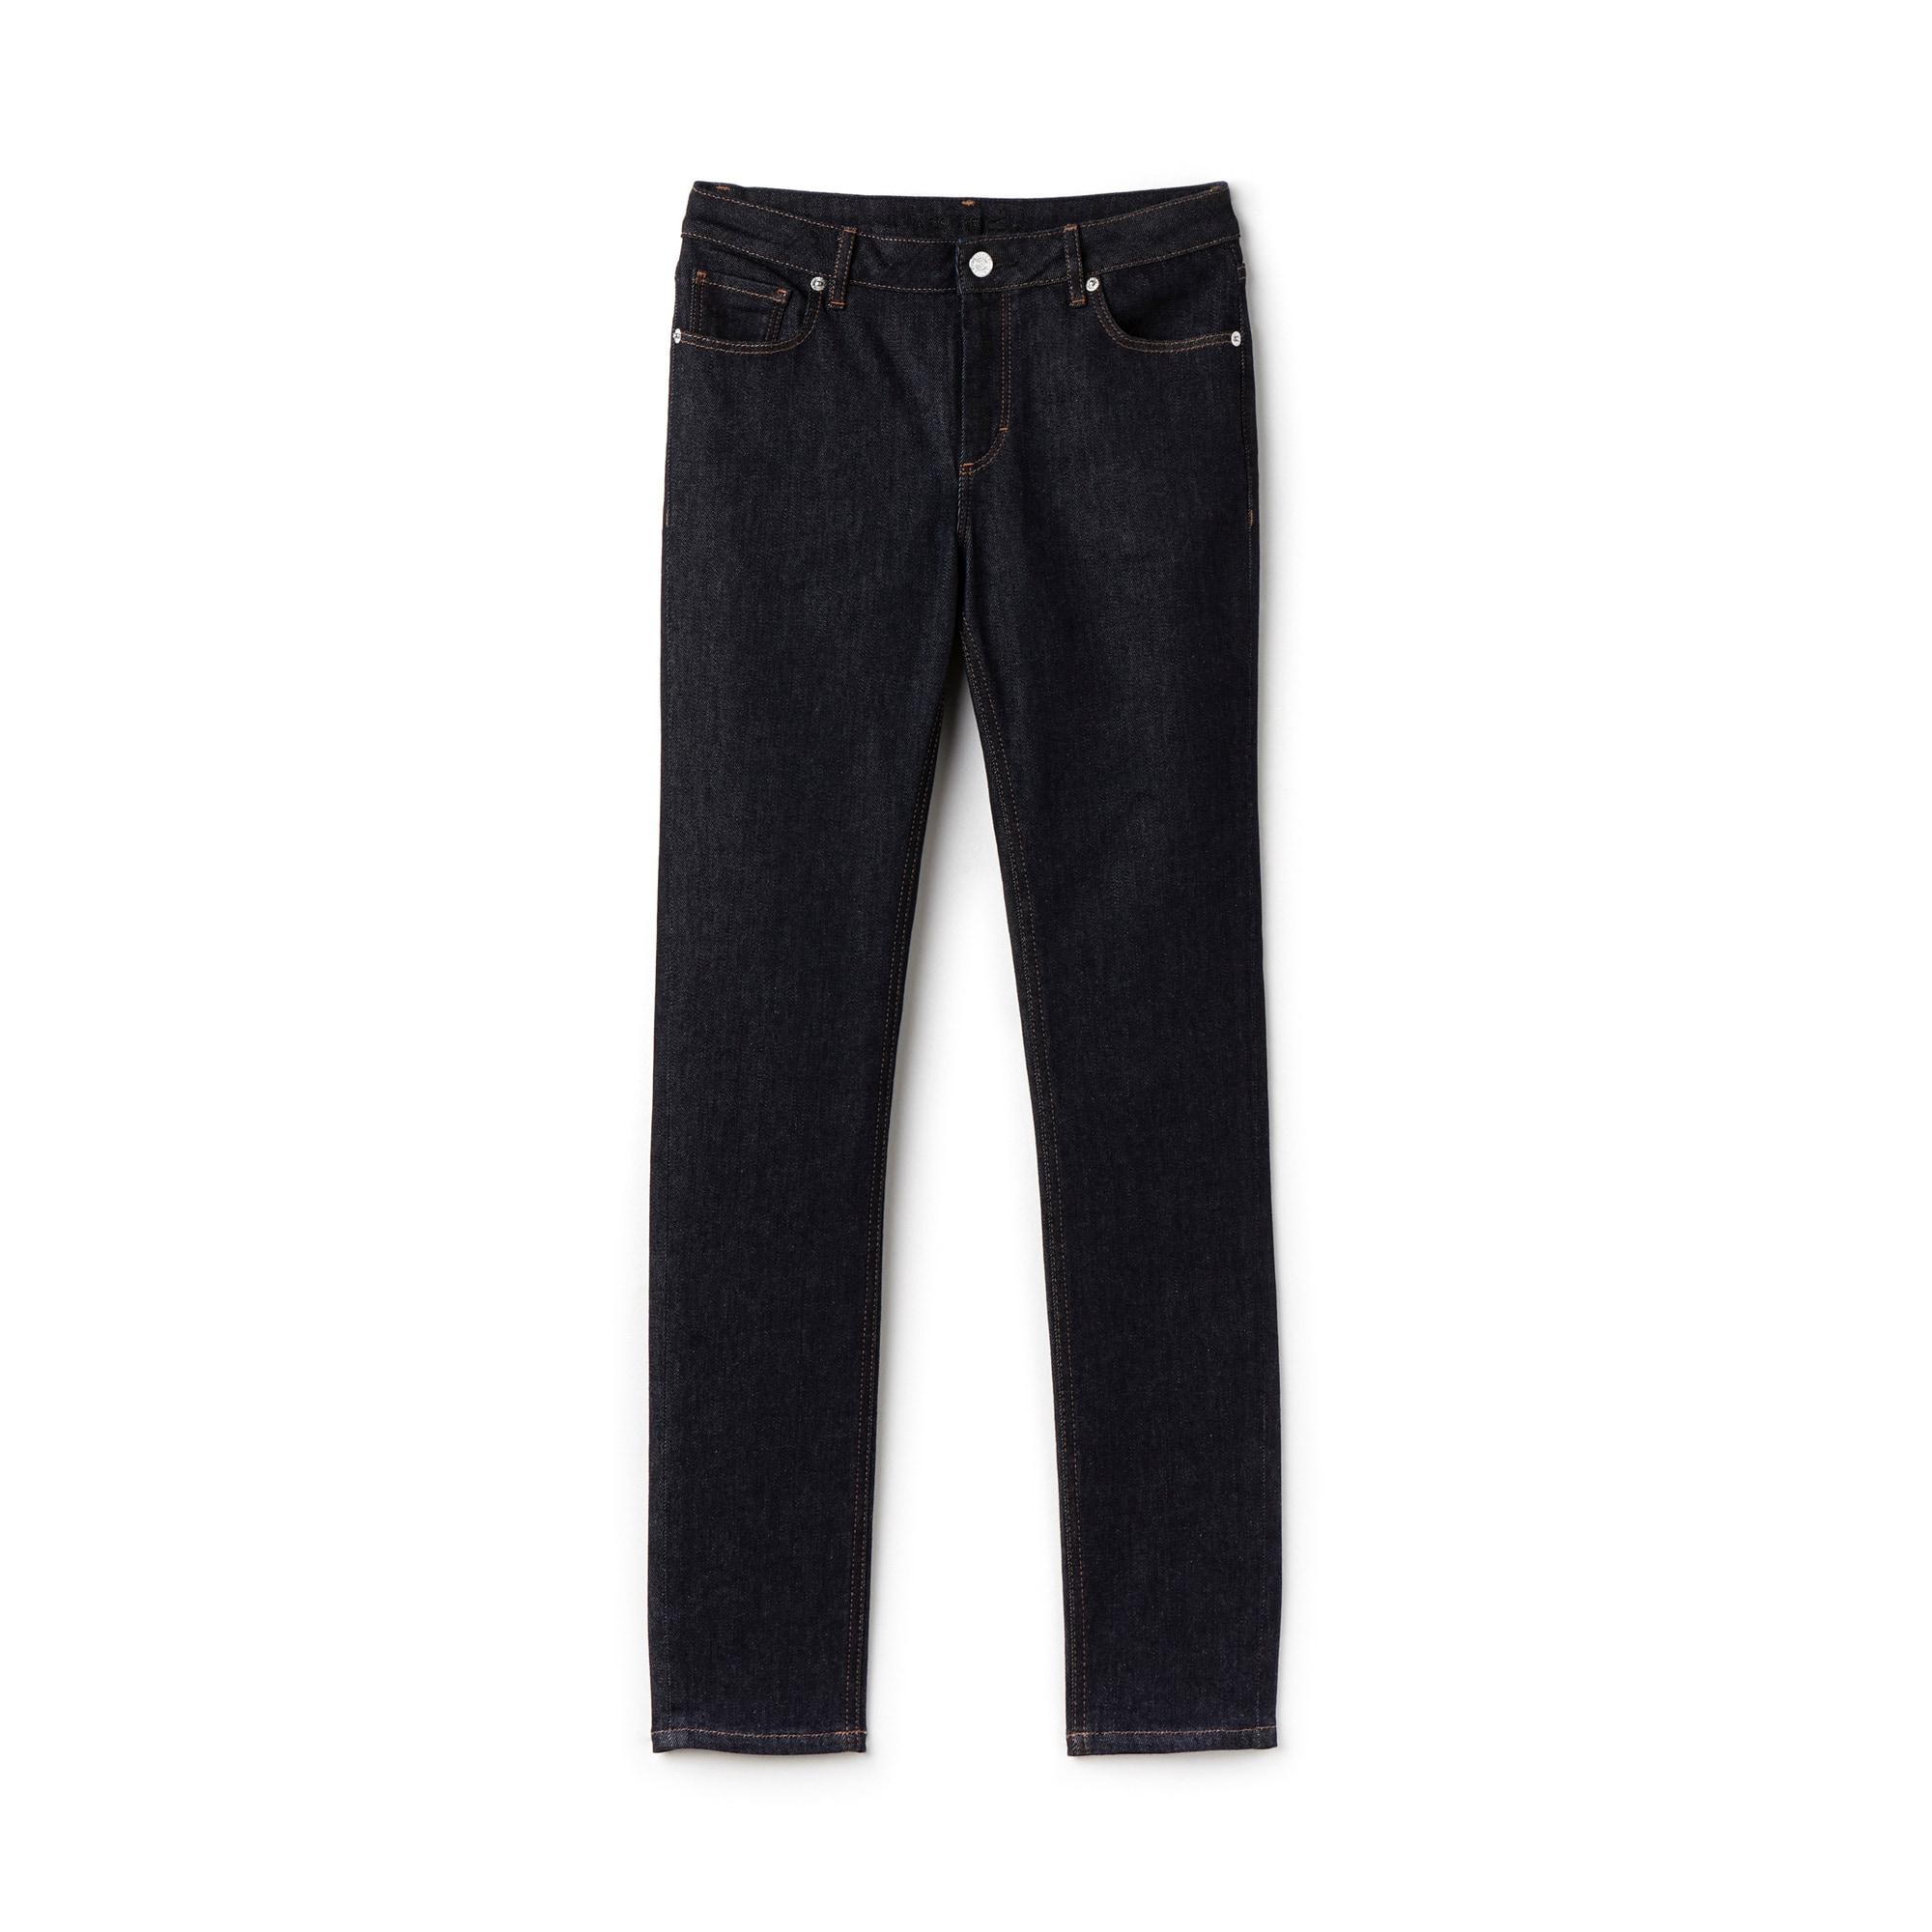 جينز Skinny للنساء من القطن القابل للتمدد